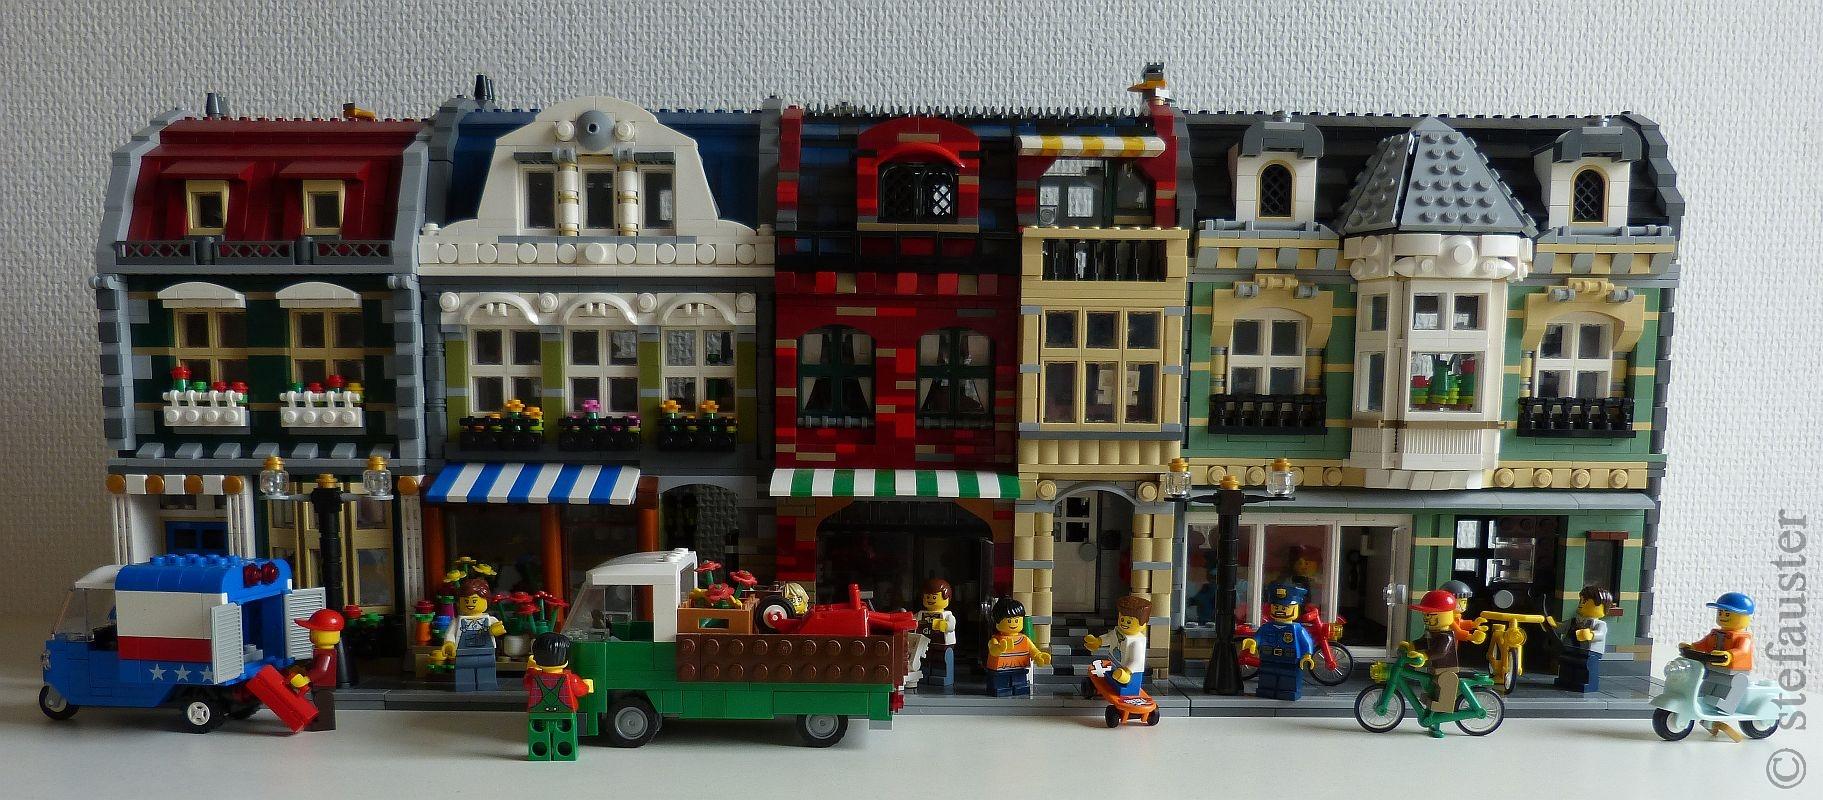 Re: Meine neuen modularen Häuser :: LEGO bei 1000steine.de ...